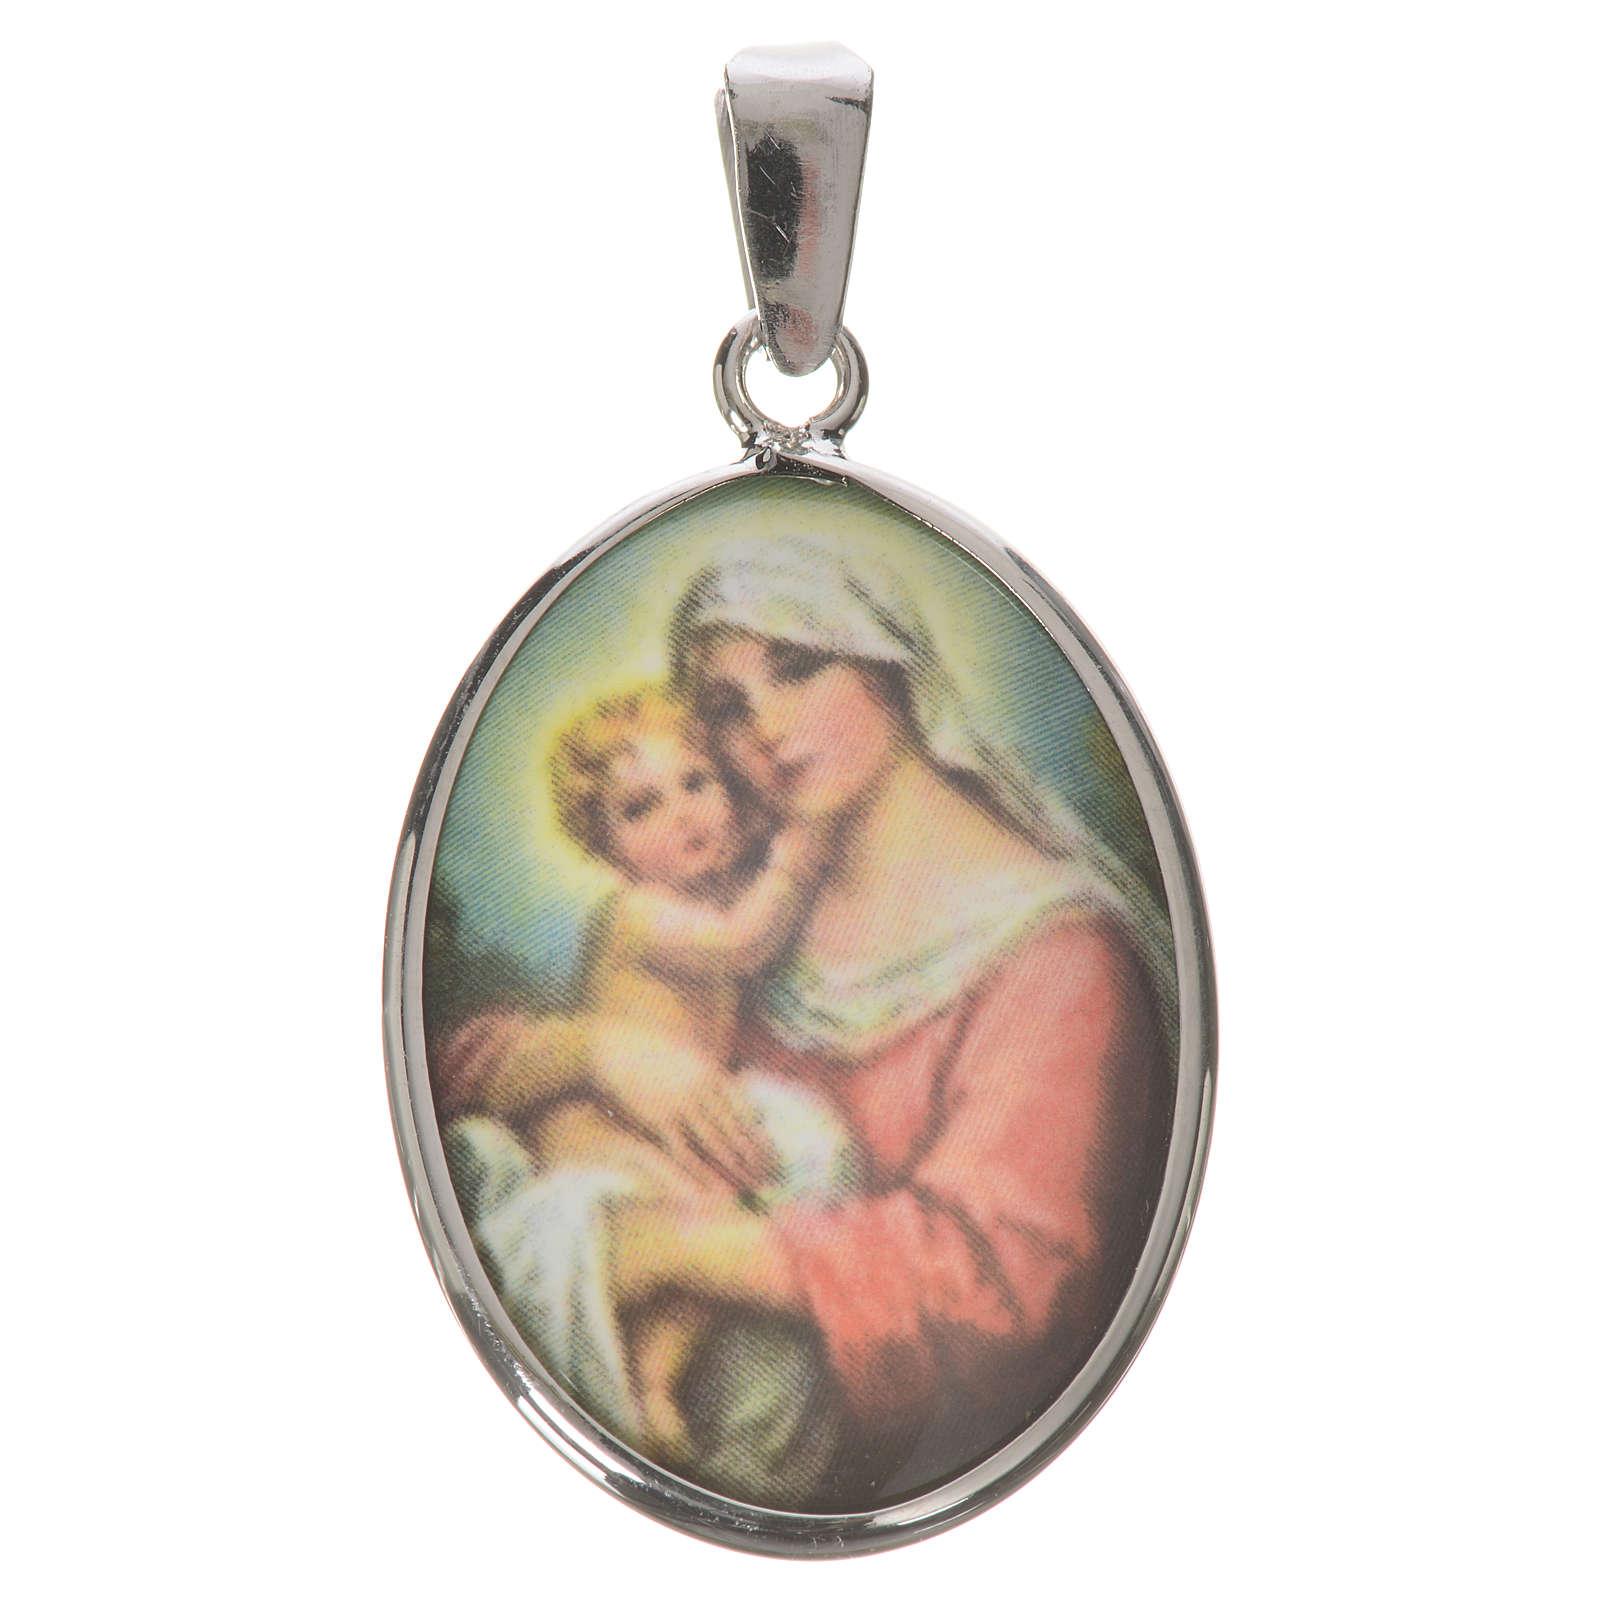 Medalla ovalada de plata, 27mm Nuestra Señora y niño 4